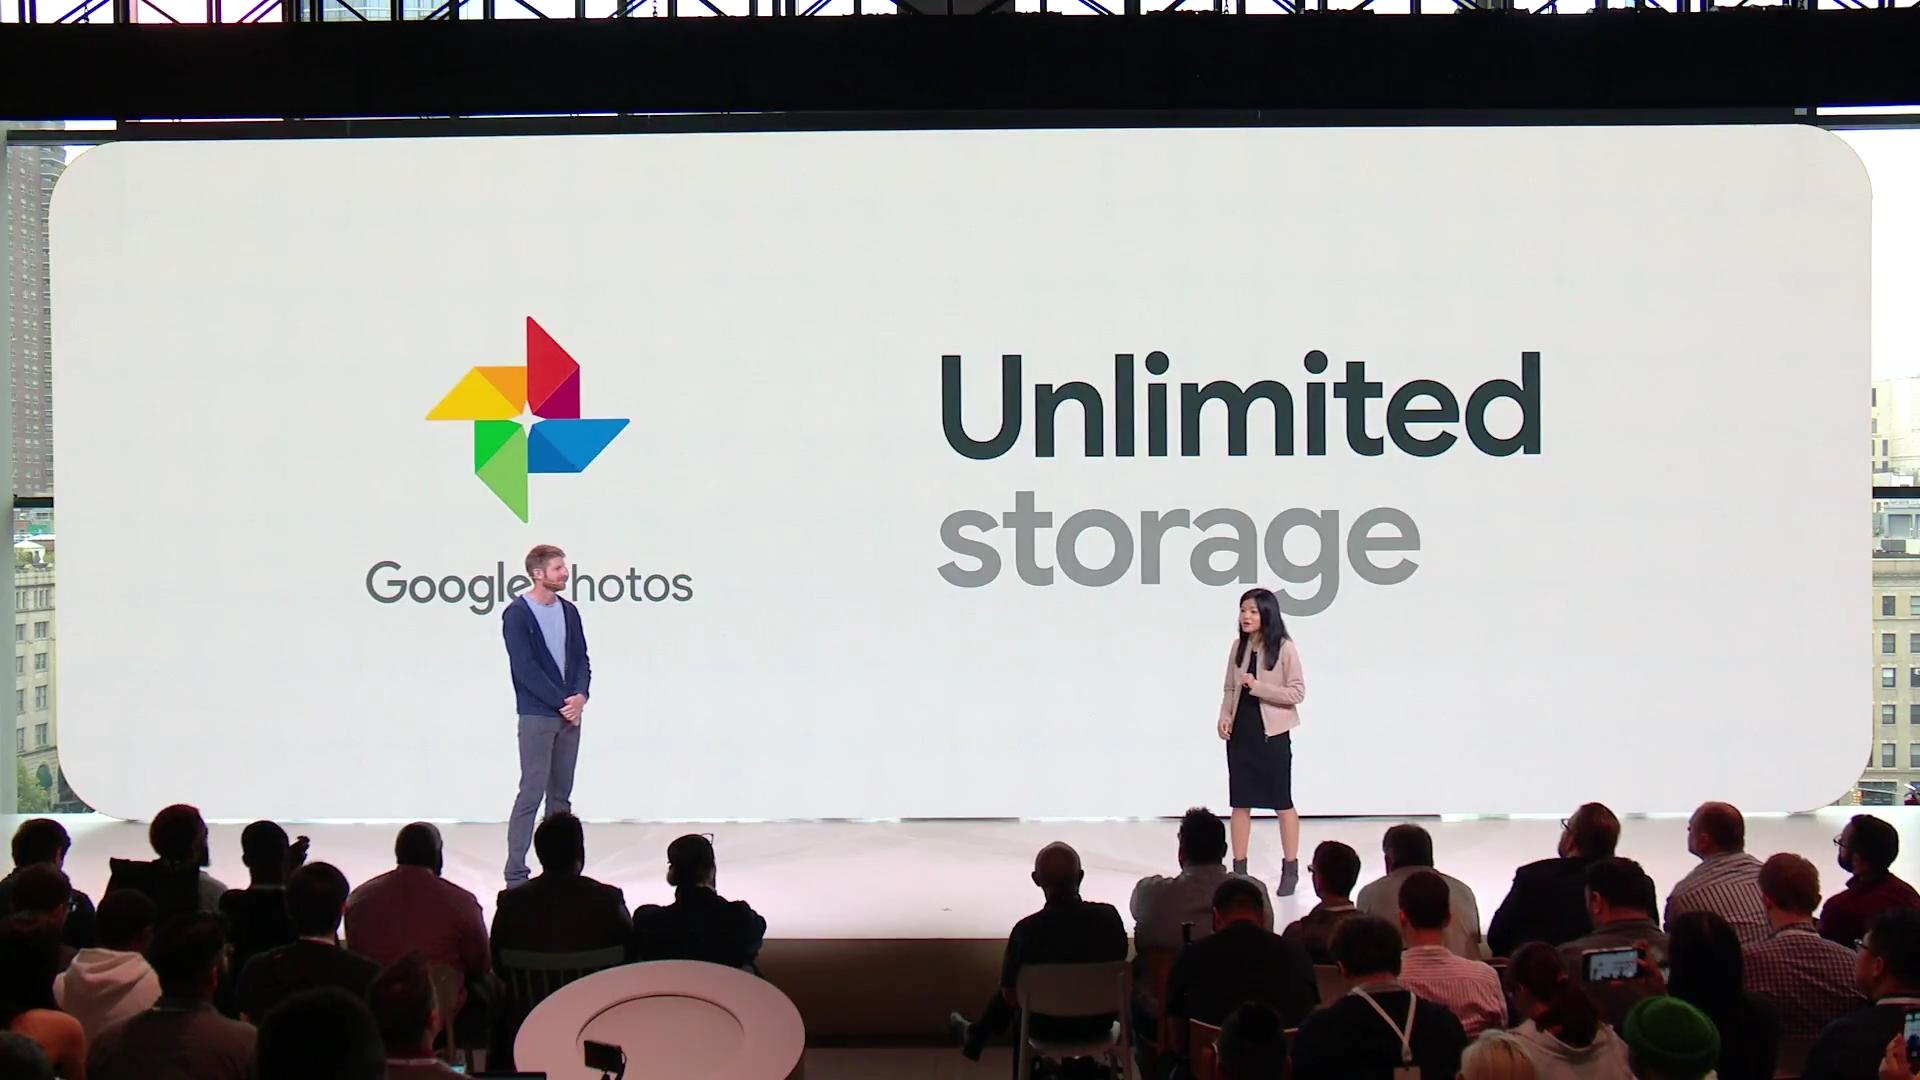 Google Photos original quality photo backups